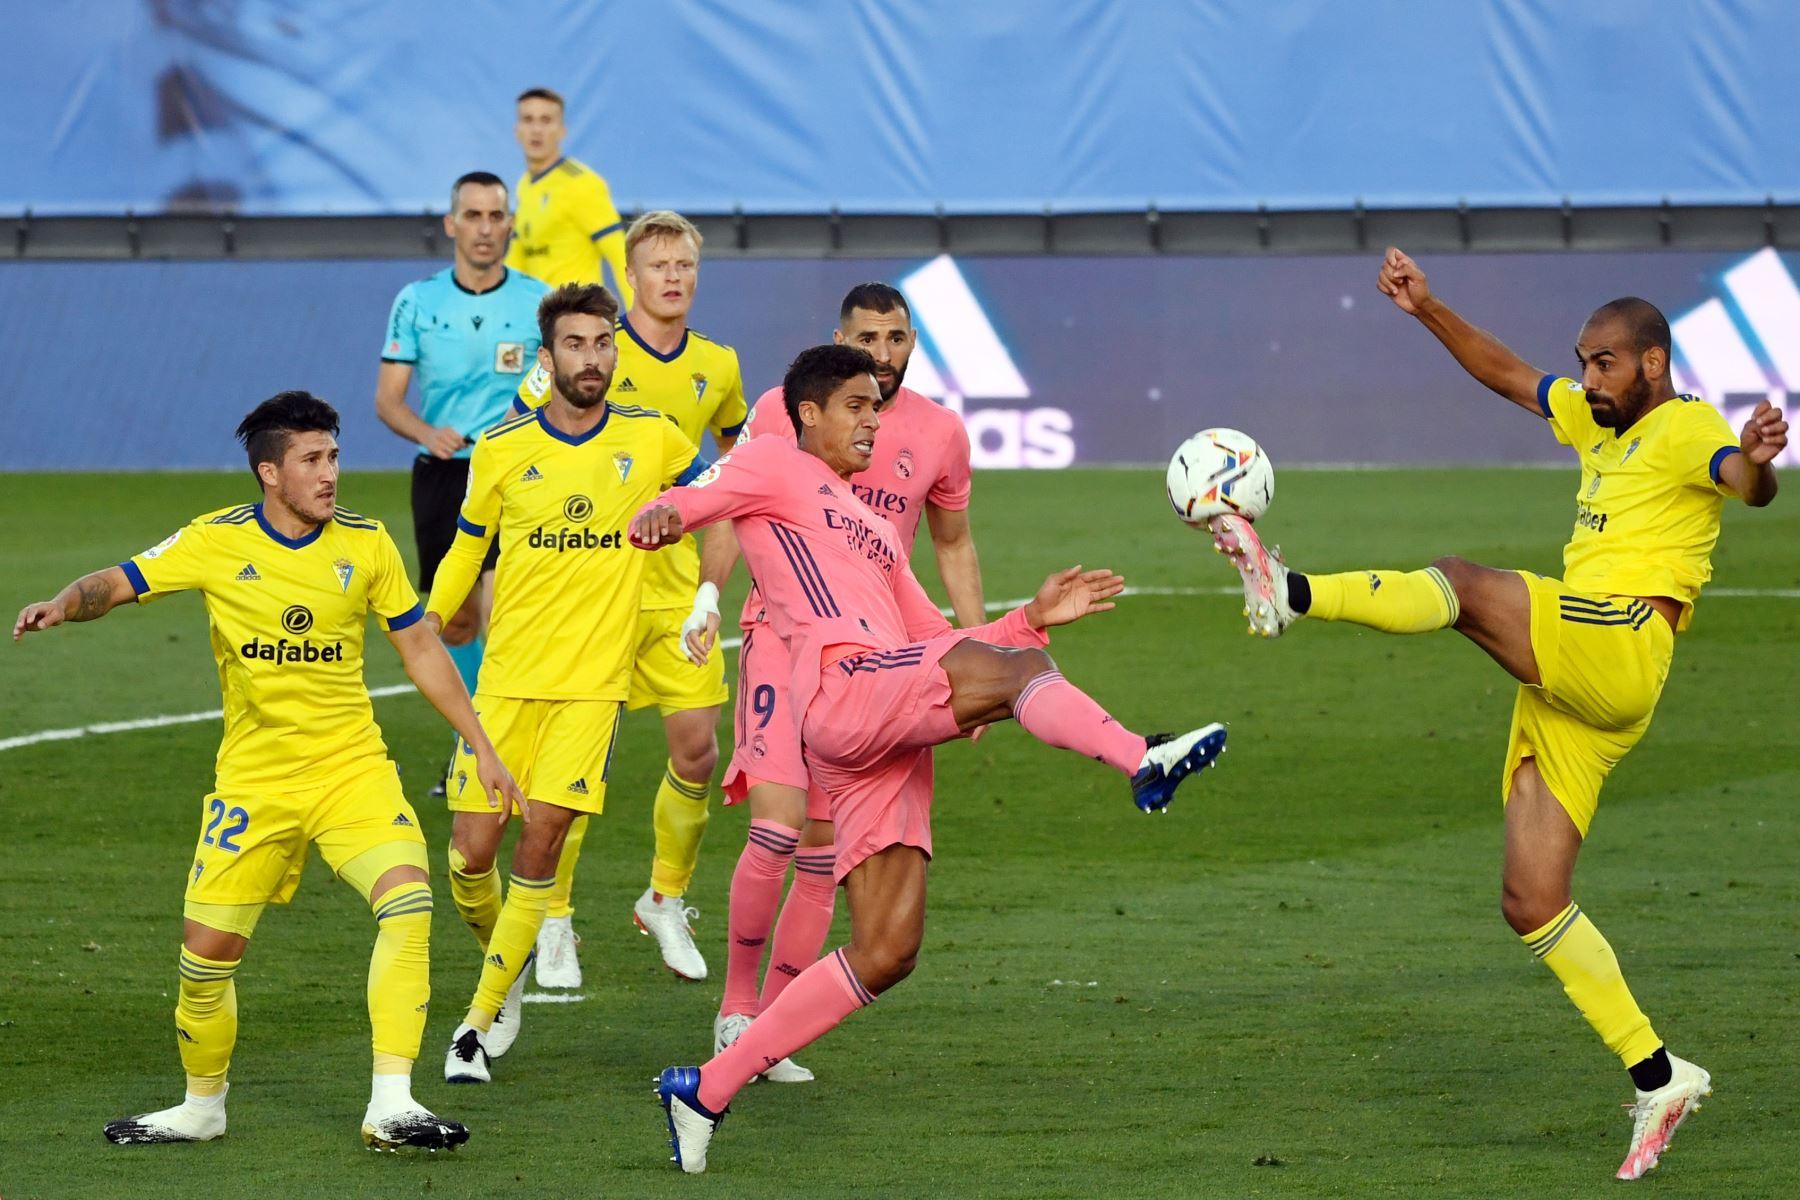 El defensor español del Cádiz, Fali, compite con el defensor francés del Real Madrid, Raphael Varane, durante el partido de fútbol de la Liga española en el estadio Alfredo Di Stefano, en Valdebebas, noreste de Madrid. Foto: AFP